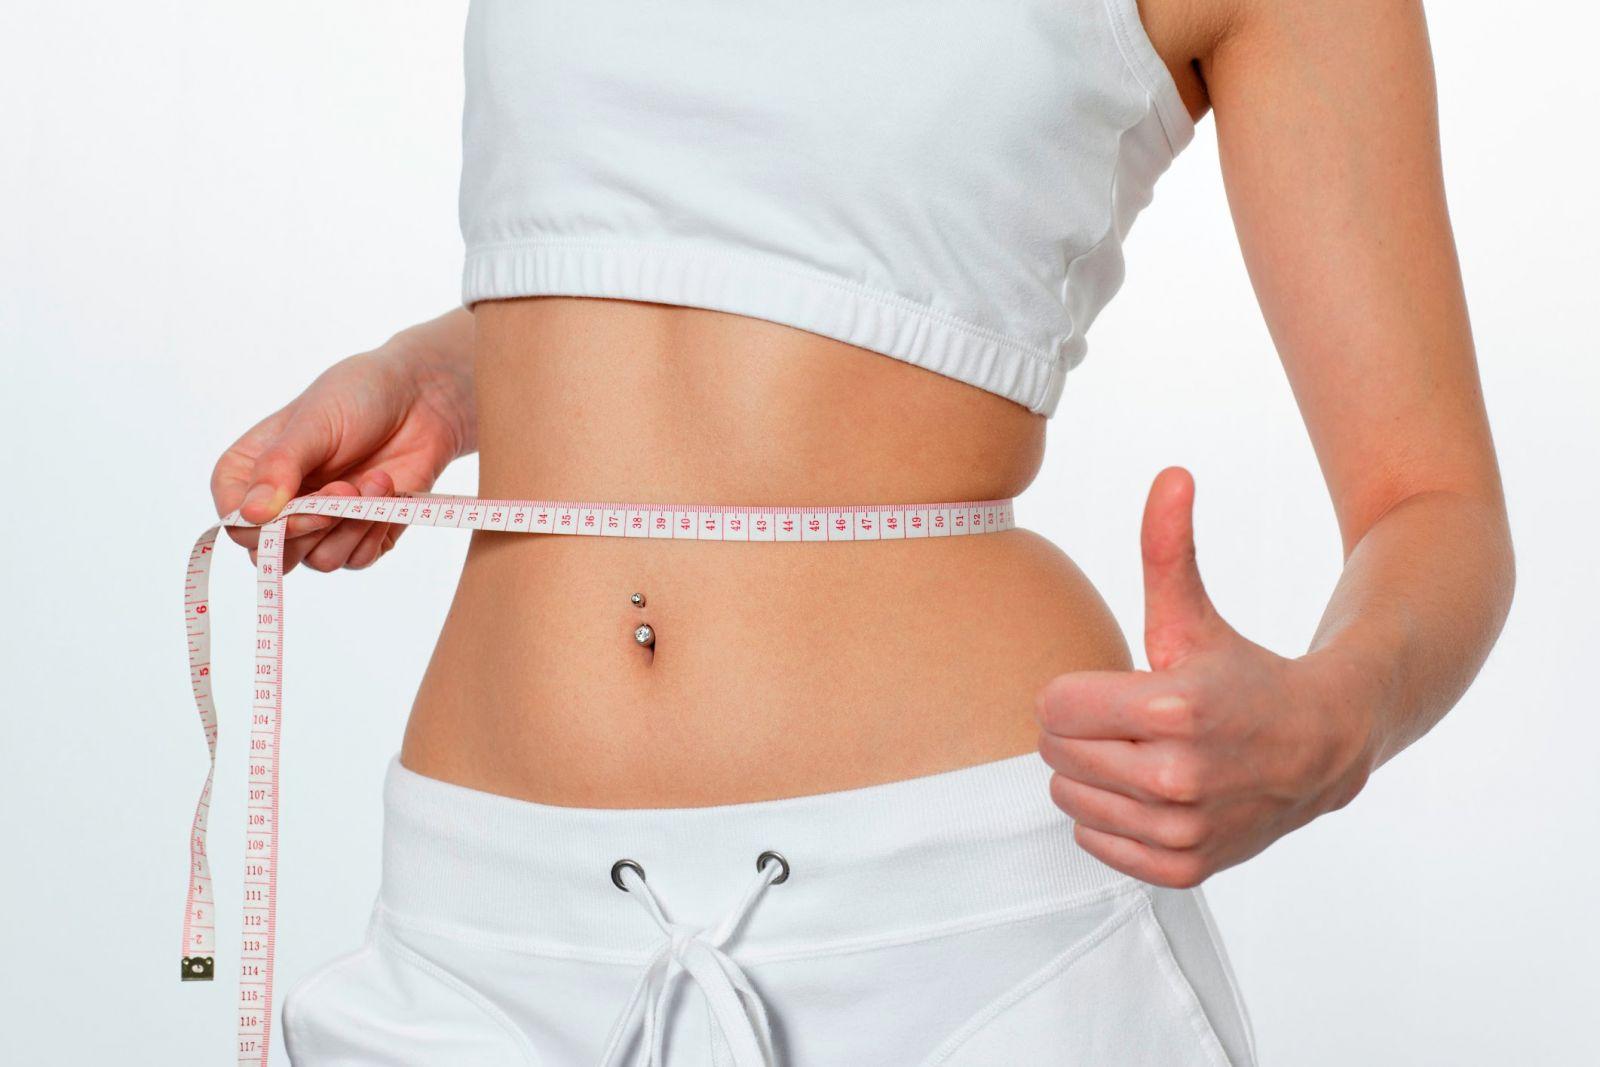 Sử dụng máy giảm béo không cần phẫu thuật có hiệu quả không?